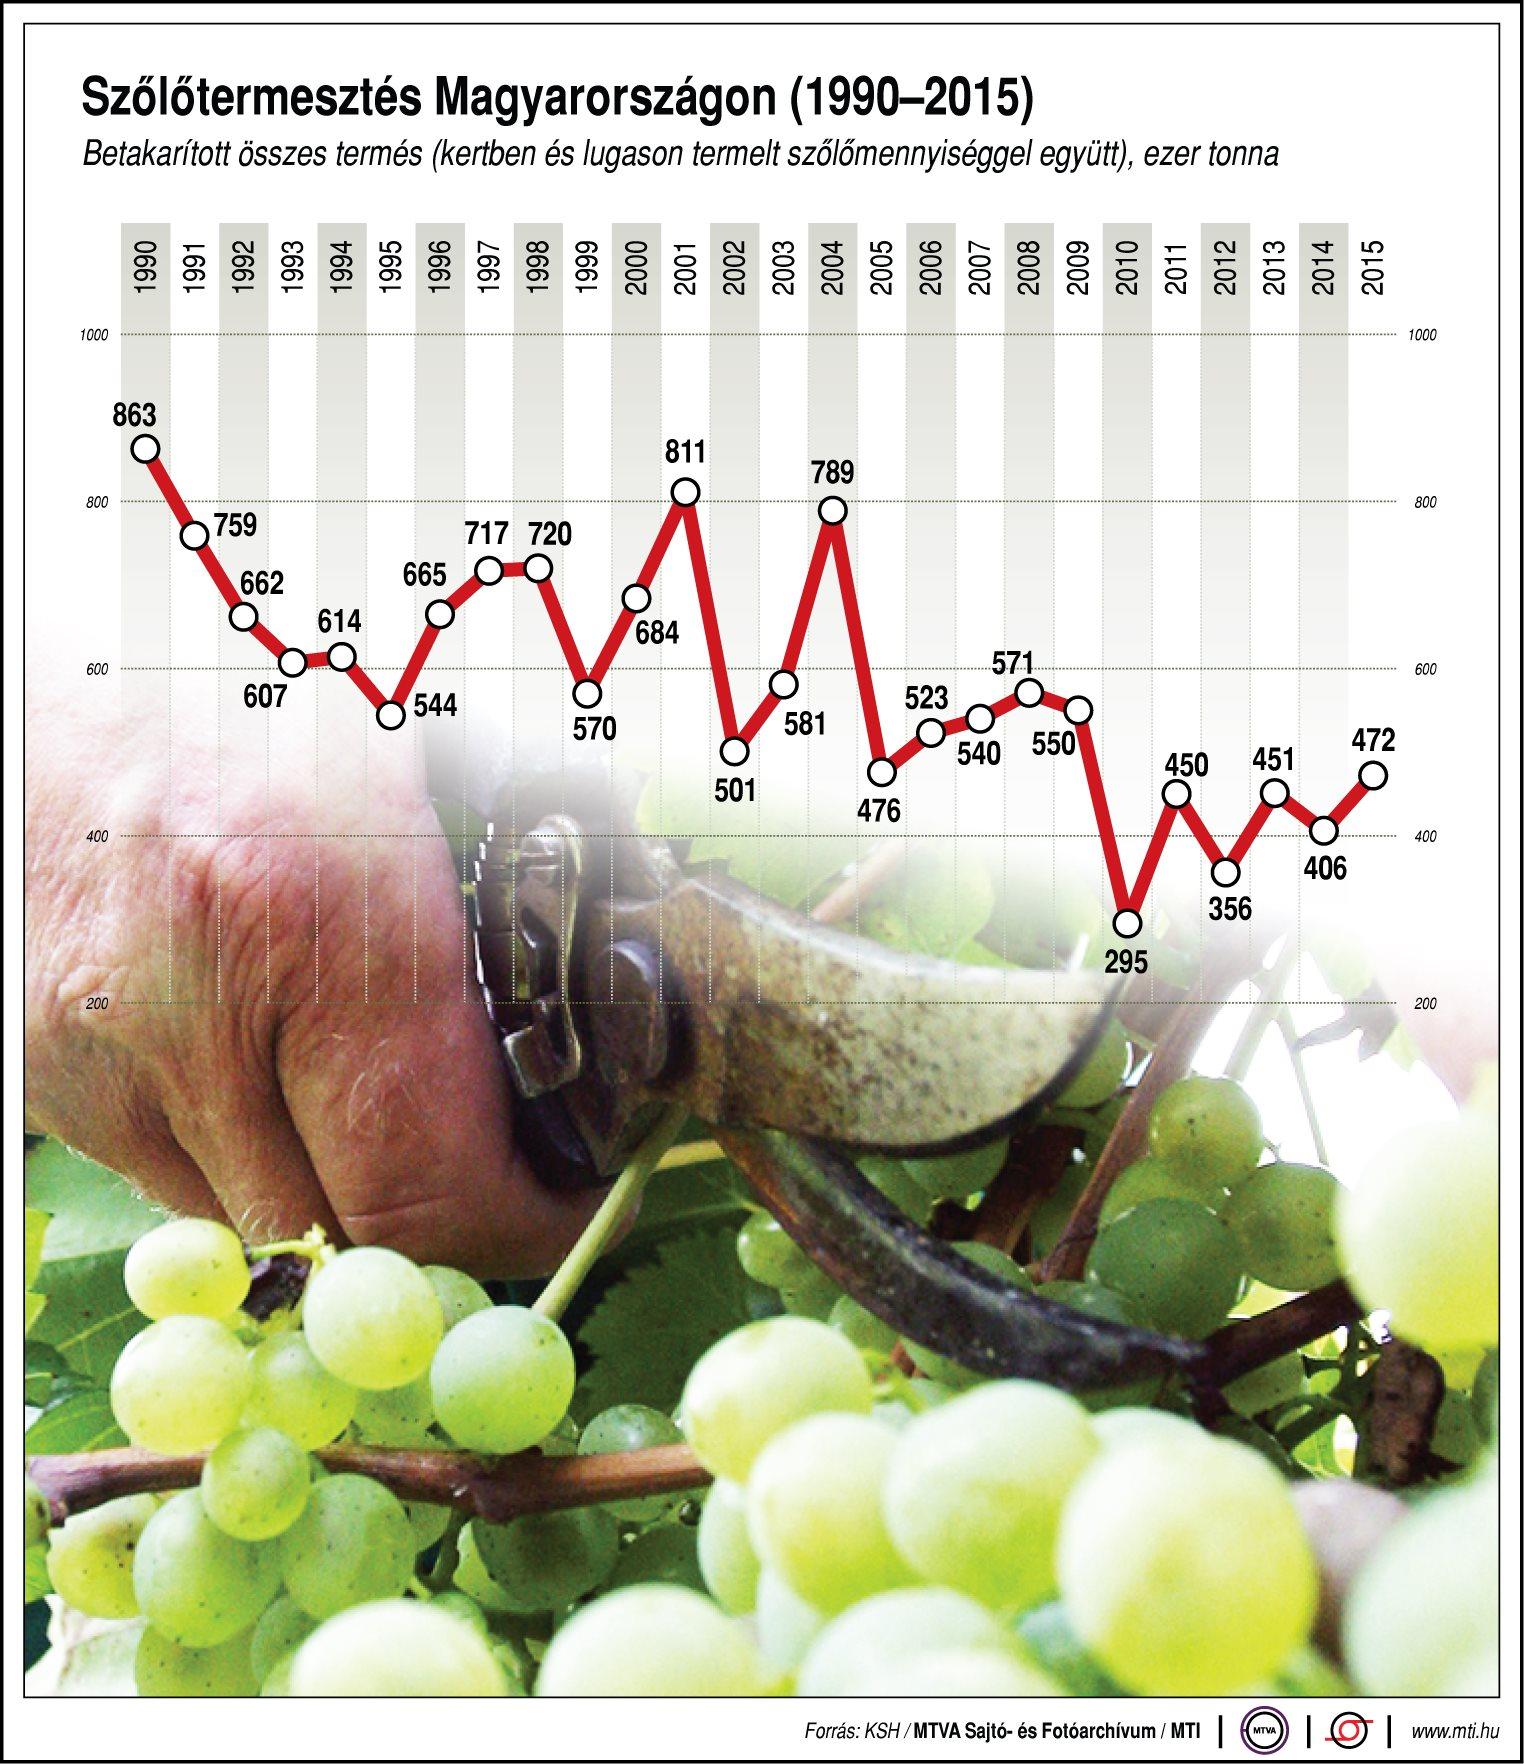 Ennyi szőlőt termel Magyarország - ábra